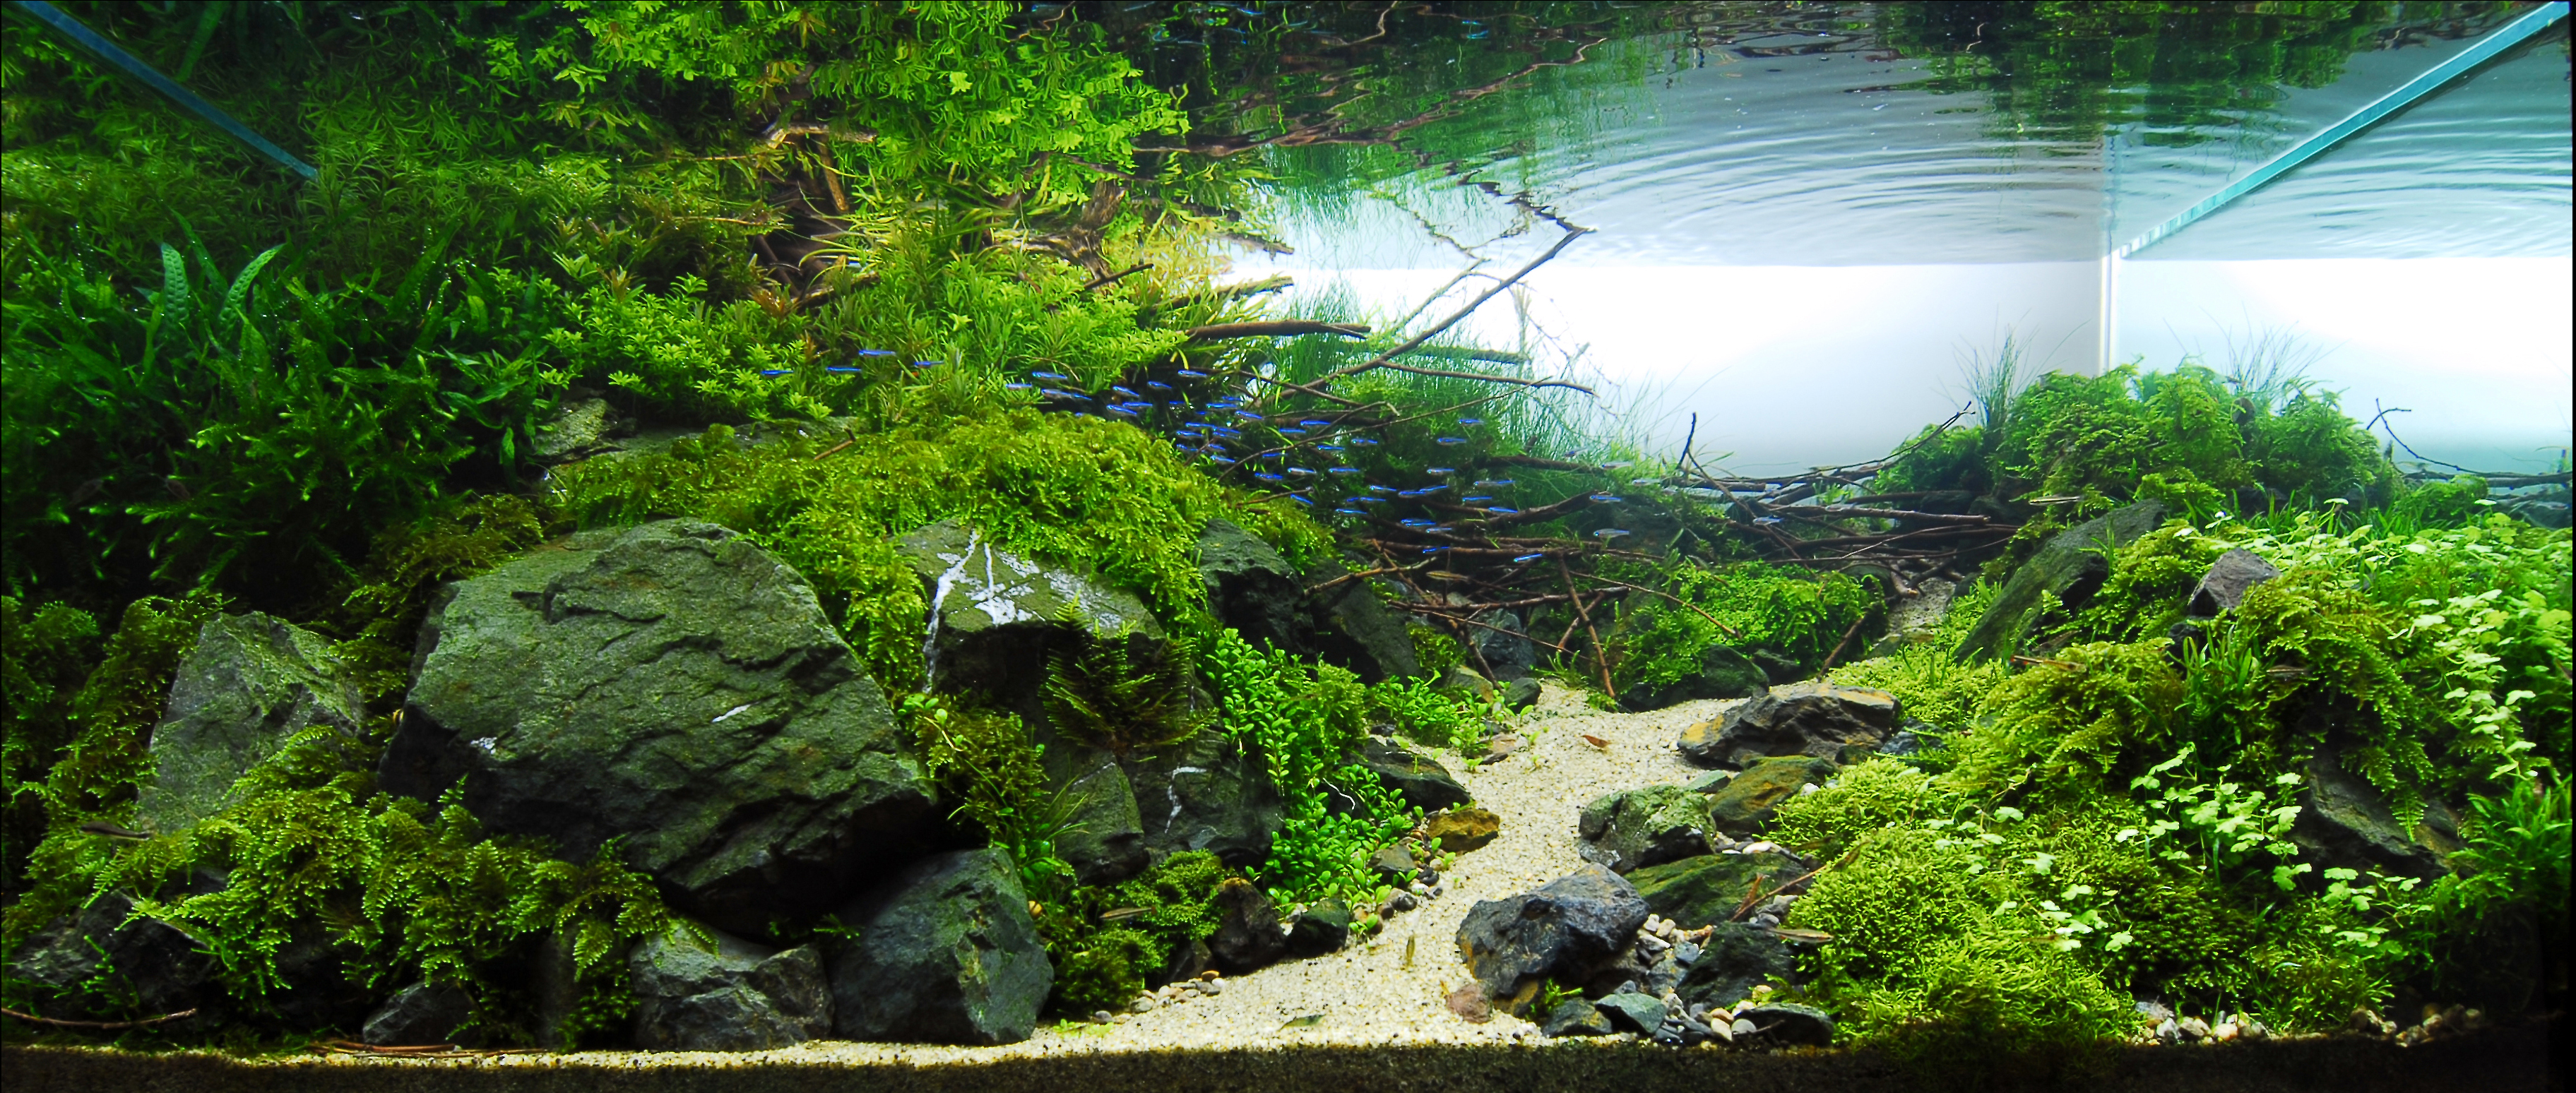 Welche Pflanze Ist Das Pflanzen Allgemein Aquascaping Aquarium Wasserpflanzen Flowgrow